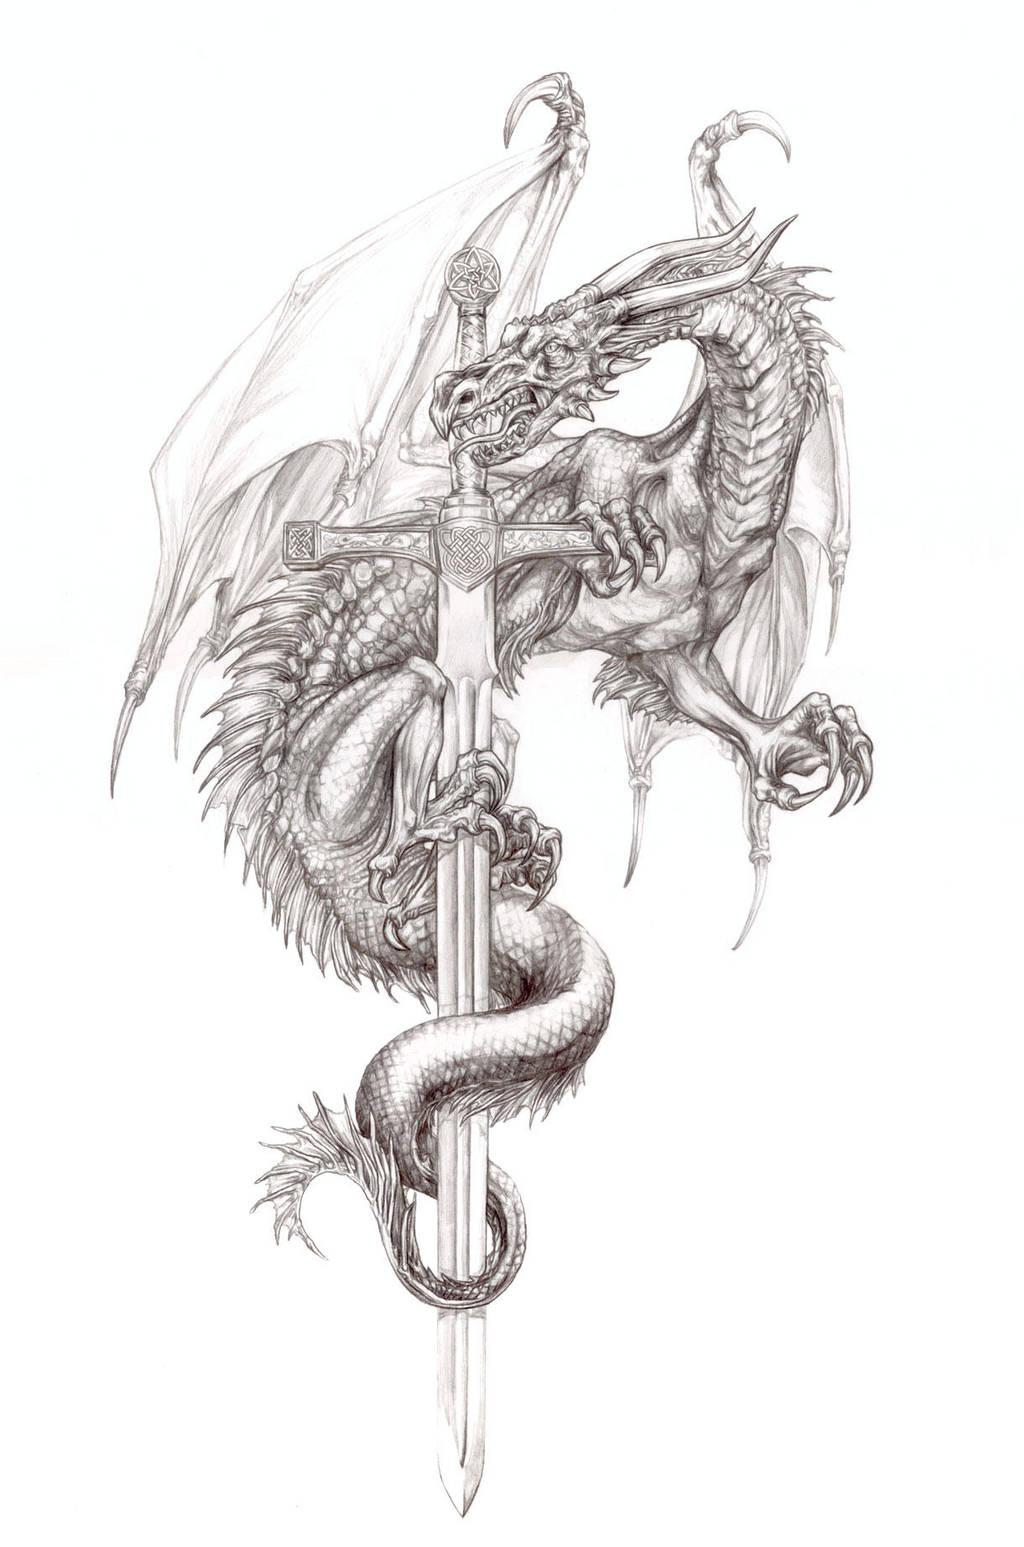 El-dragones by vinkalu